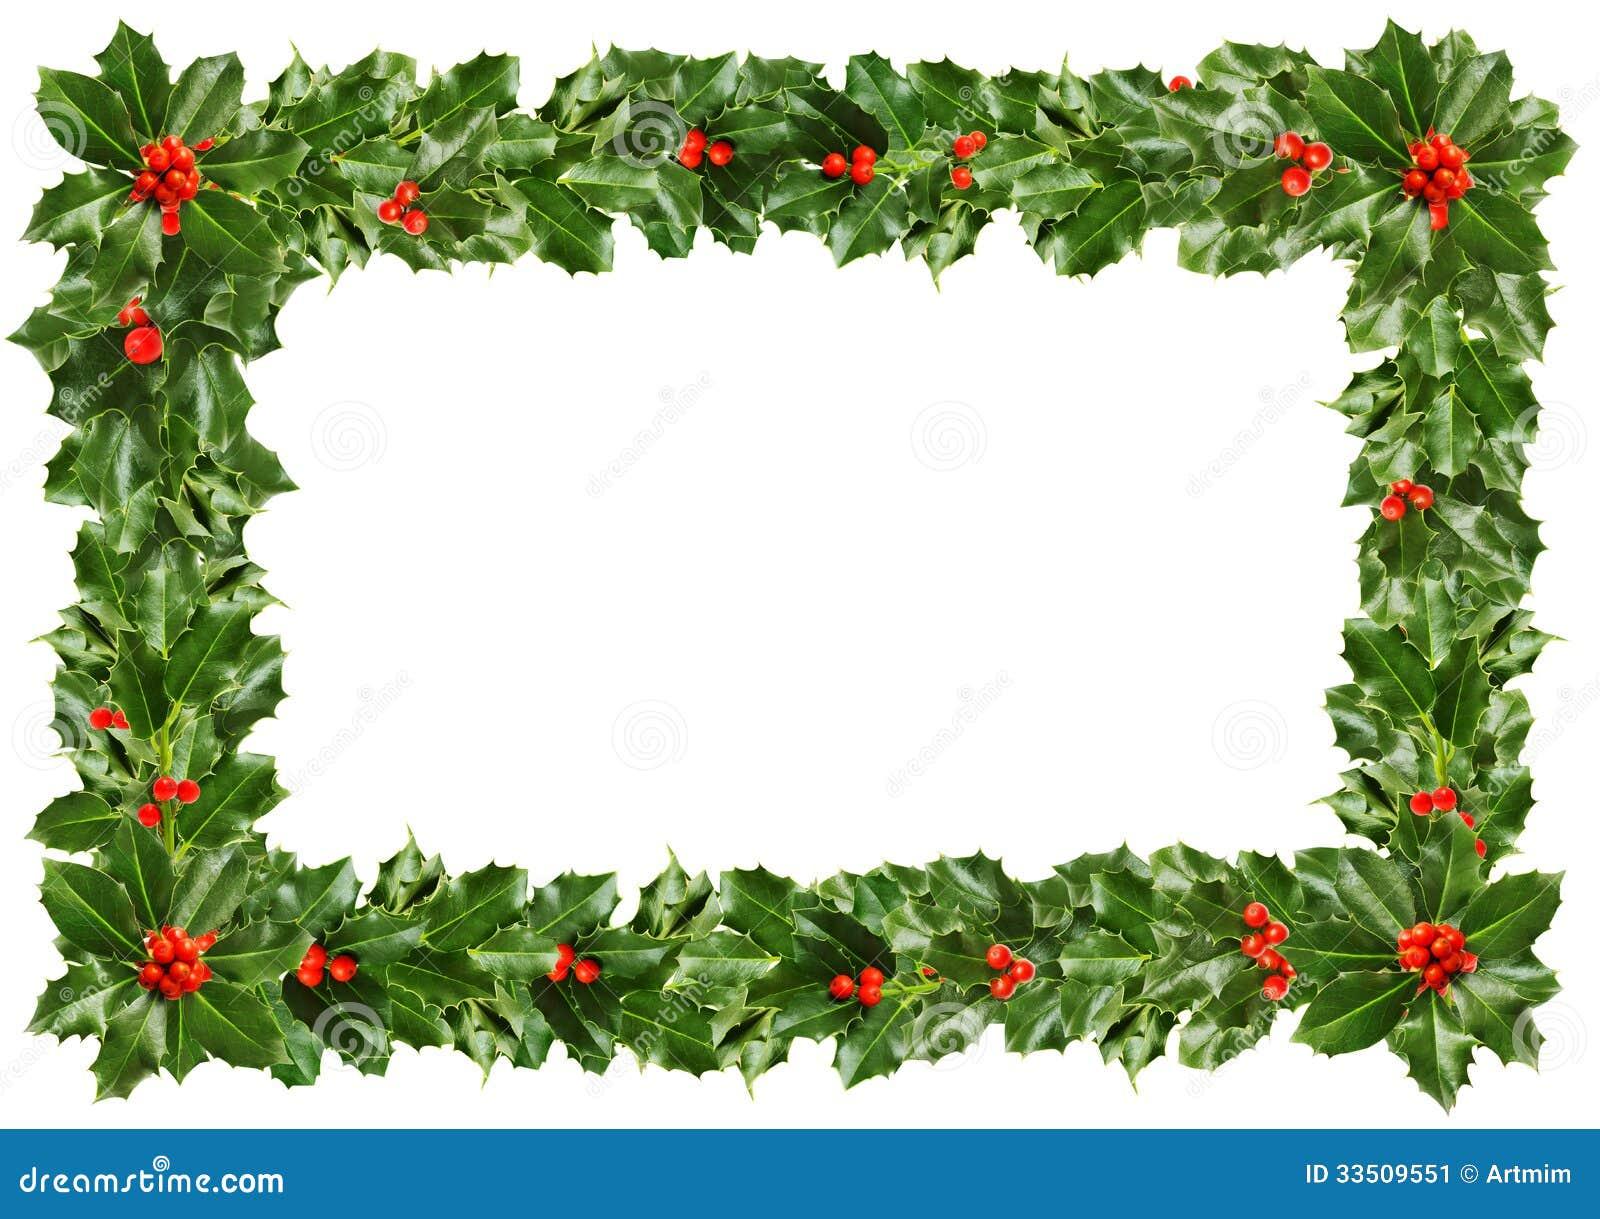 Juljärneksidor - ram på vit